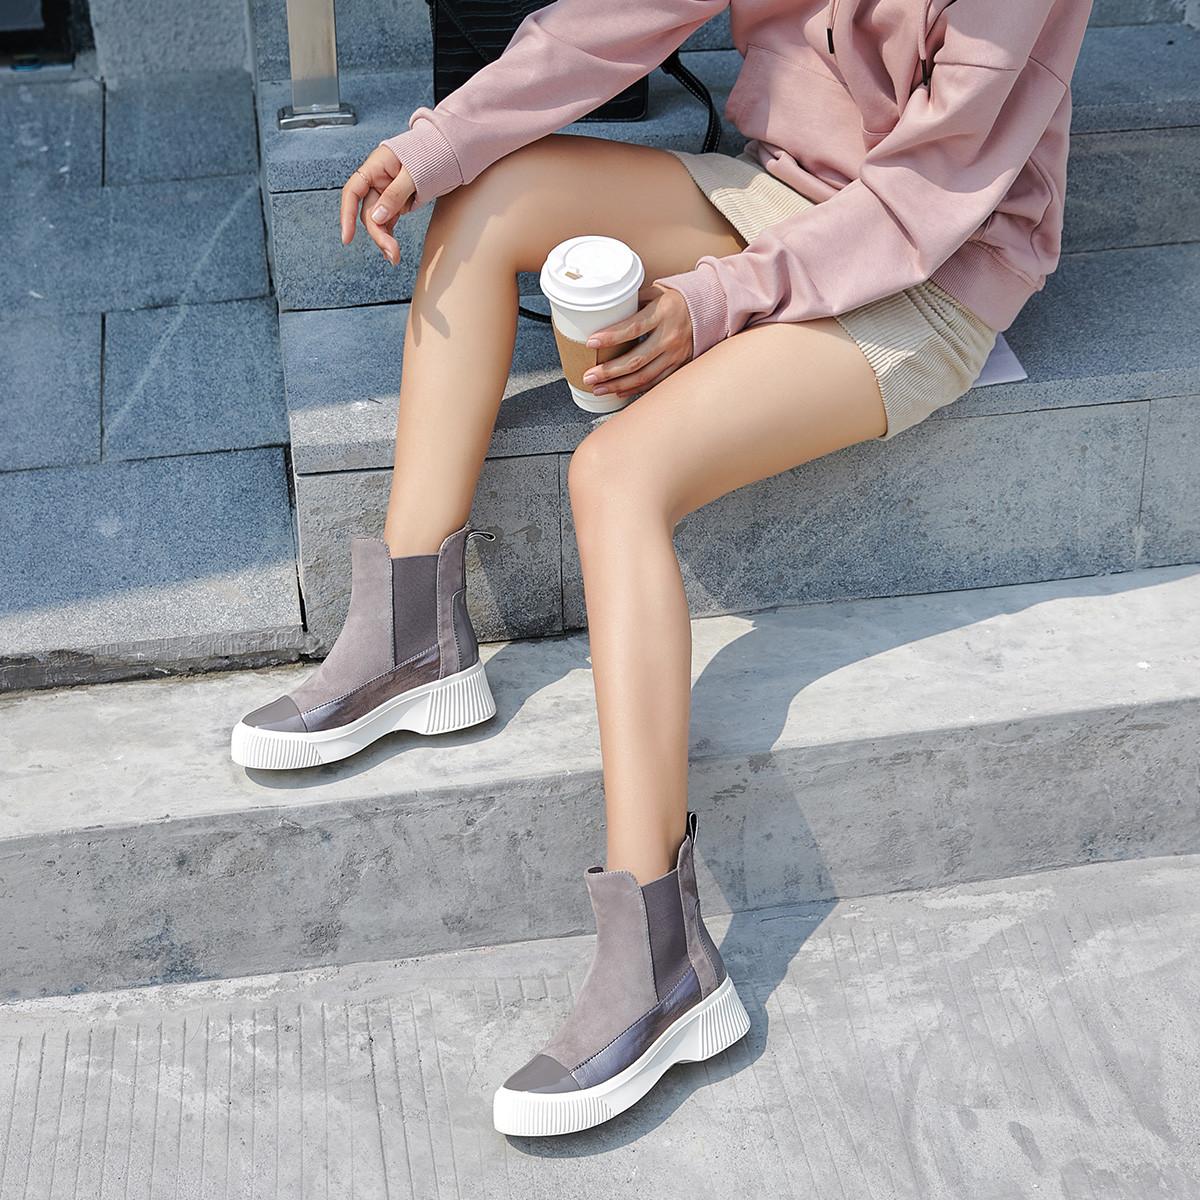 金利来2019新款休闲靴子冬季女鞋牛皮革/羊皮革粗跟女短靴切尔西靴62094008230P